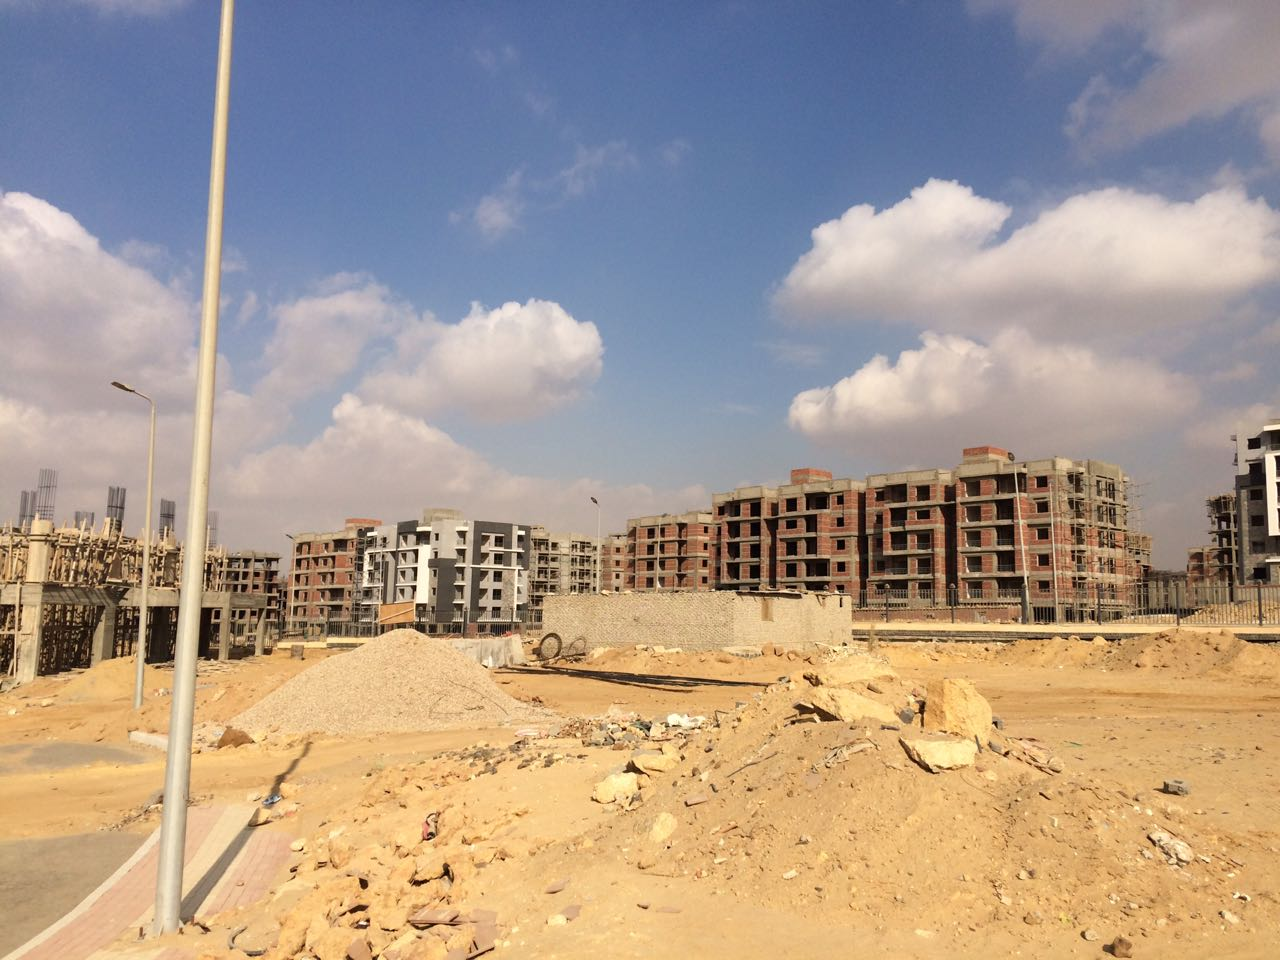 اليوم السابع داخل مشروع دار مصر بالقاهرة الجديدة  (8)